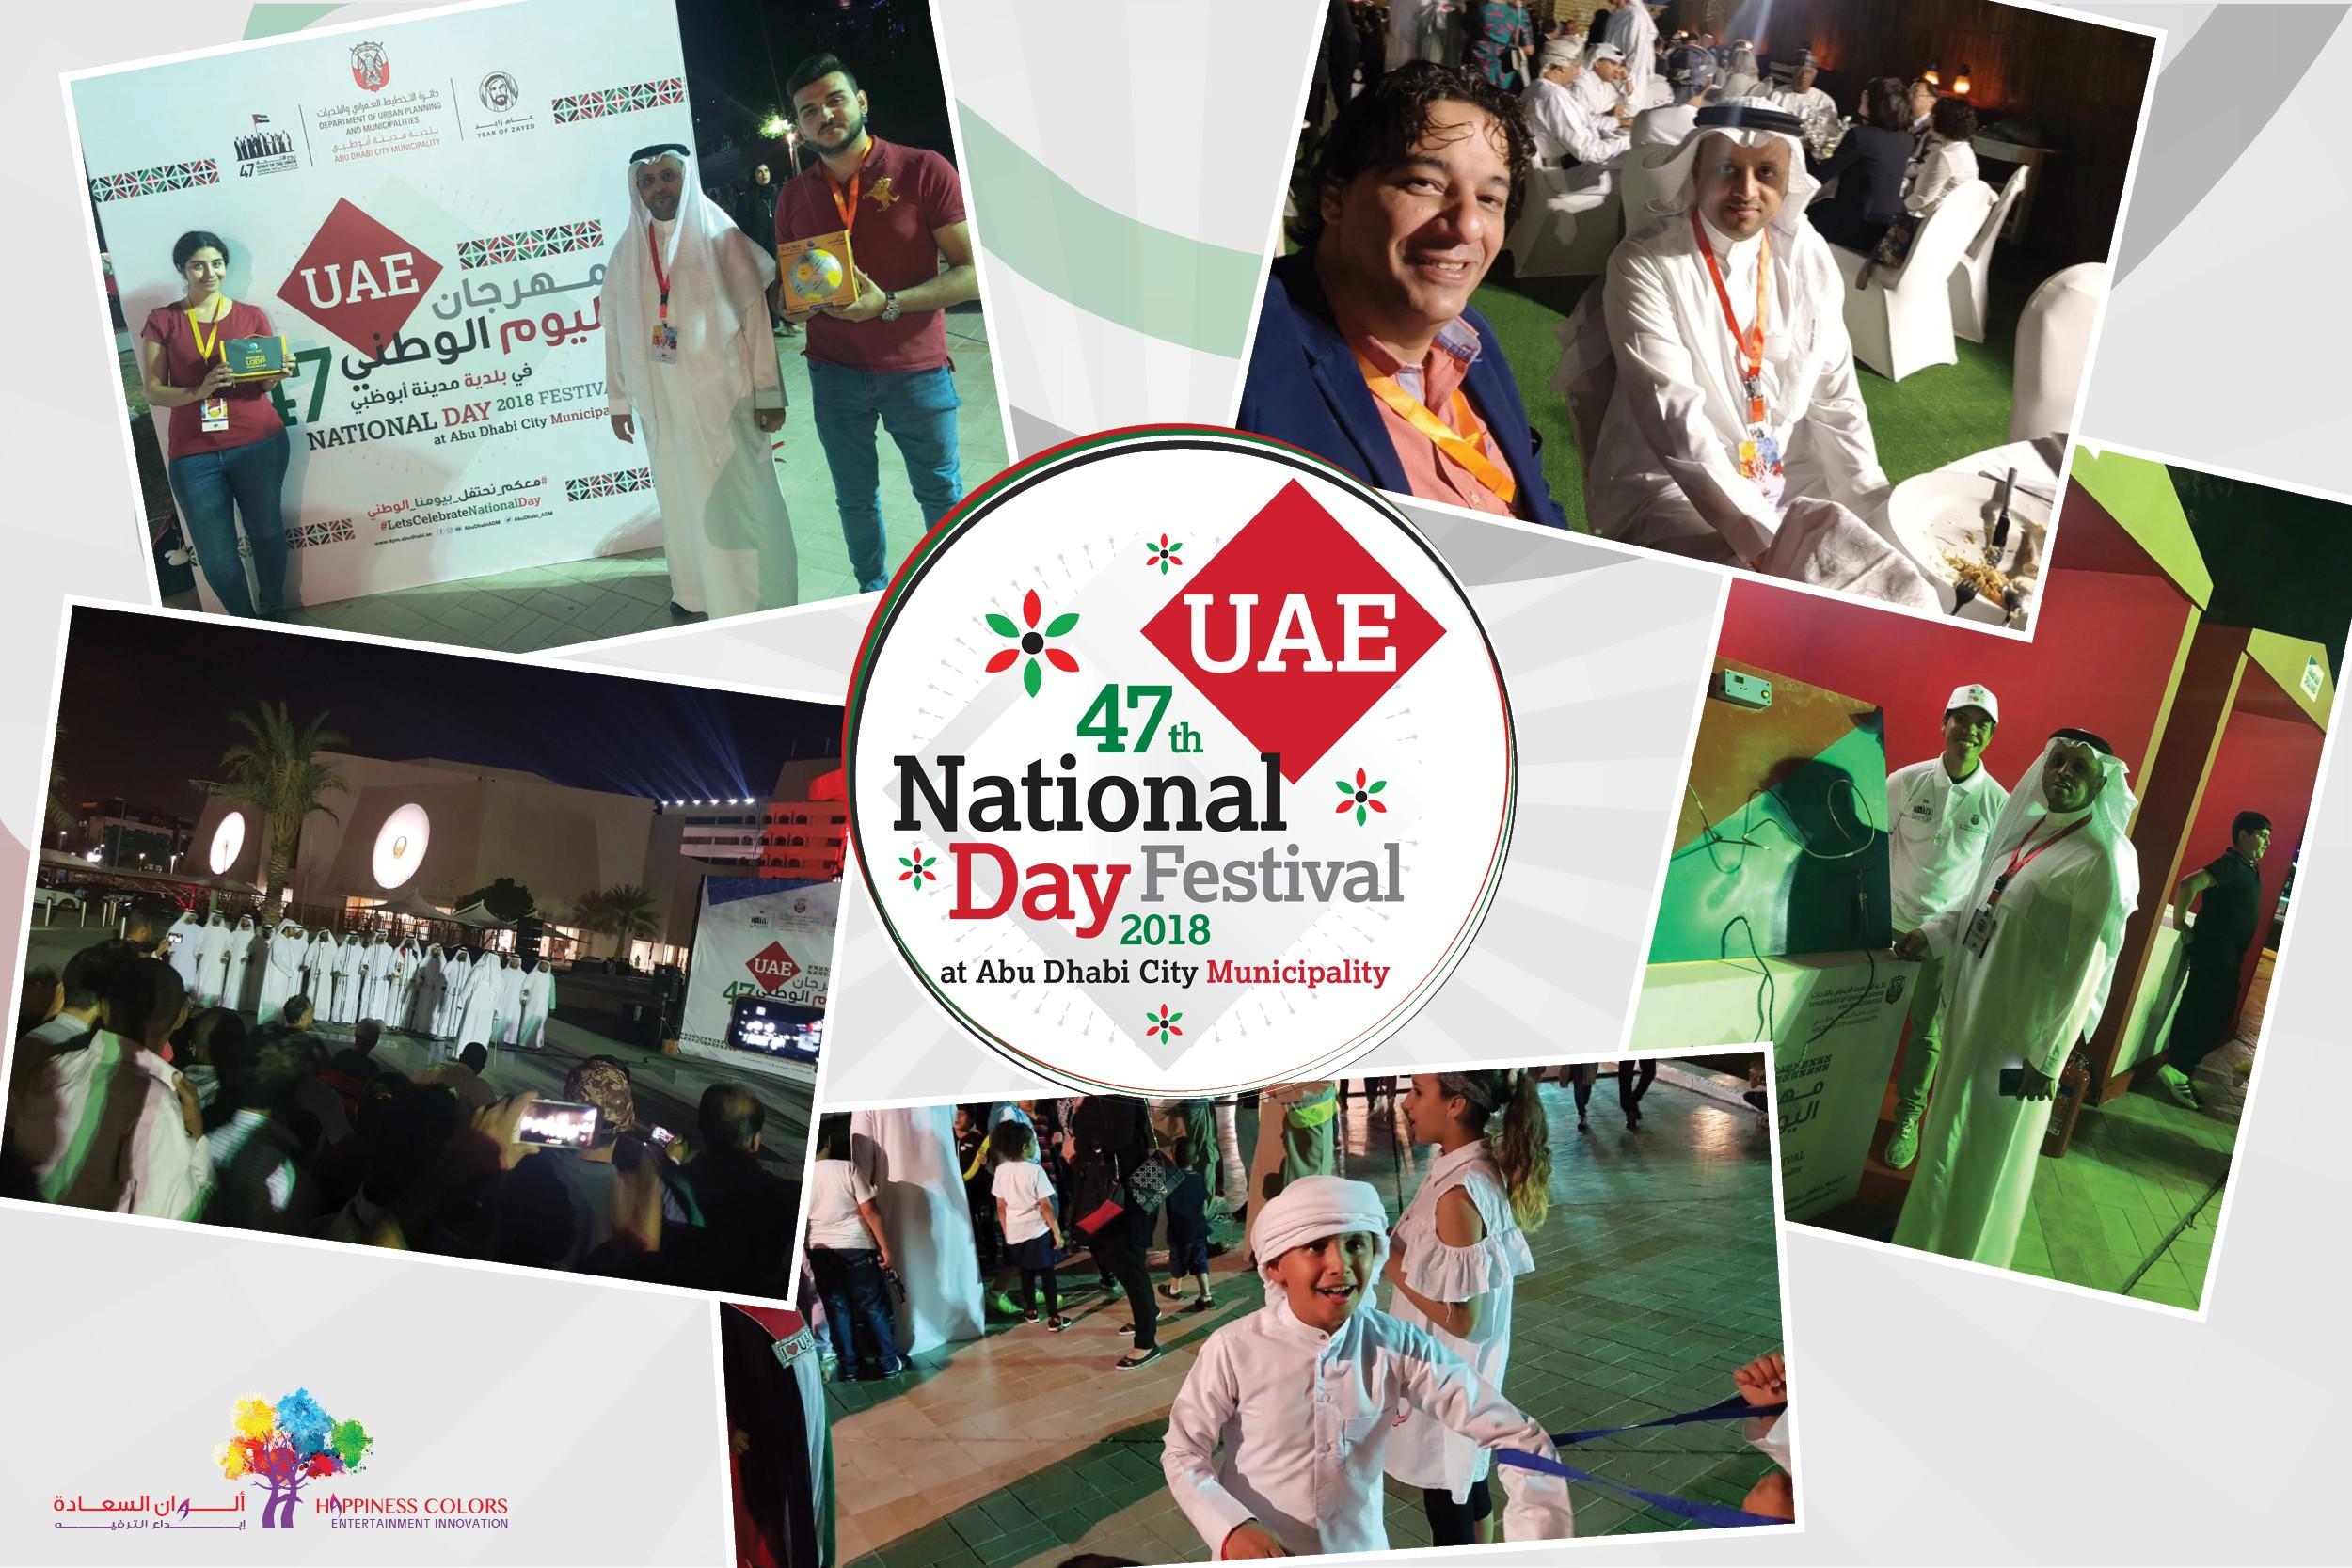 أحتفالية عيد الأمارات الوطني 47 في مقر بلدية أبو ظبي (2018)